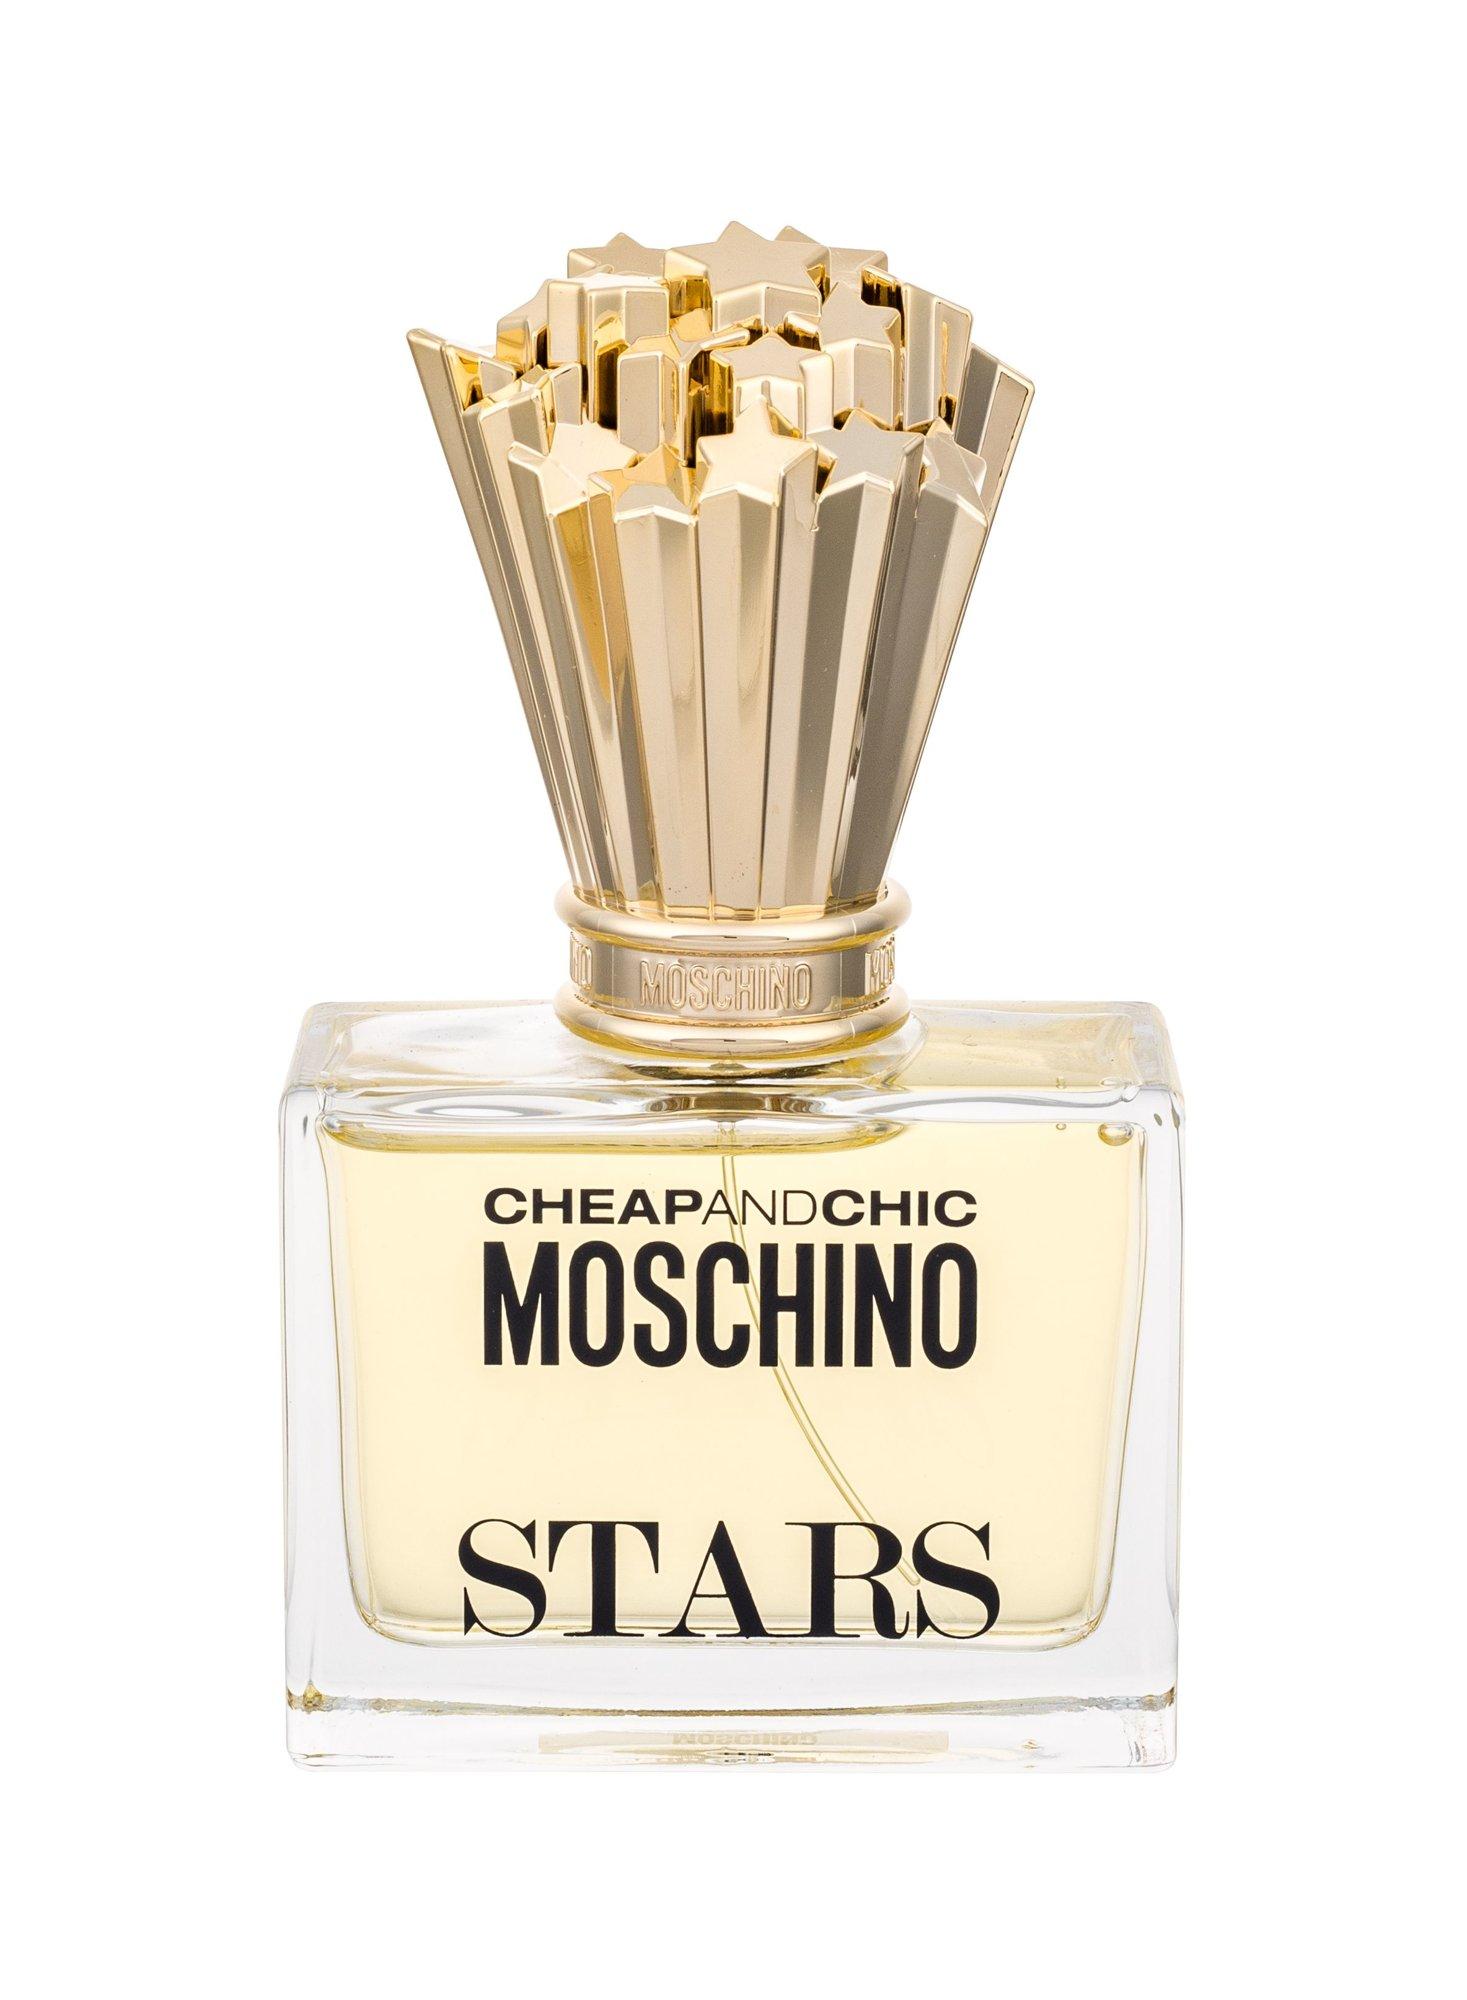 Moschino Cheap And Chic Stars Eau de Parfum 50ml